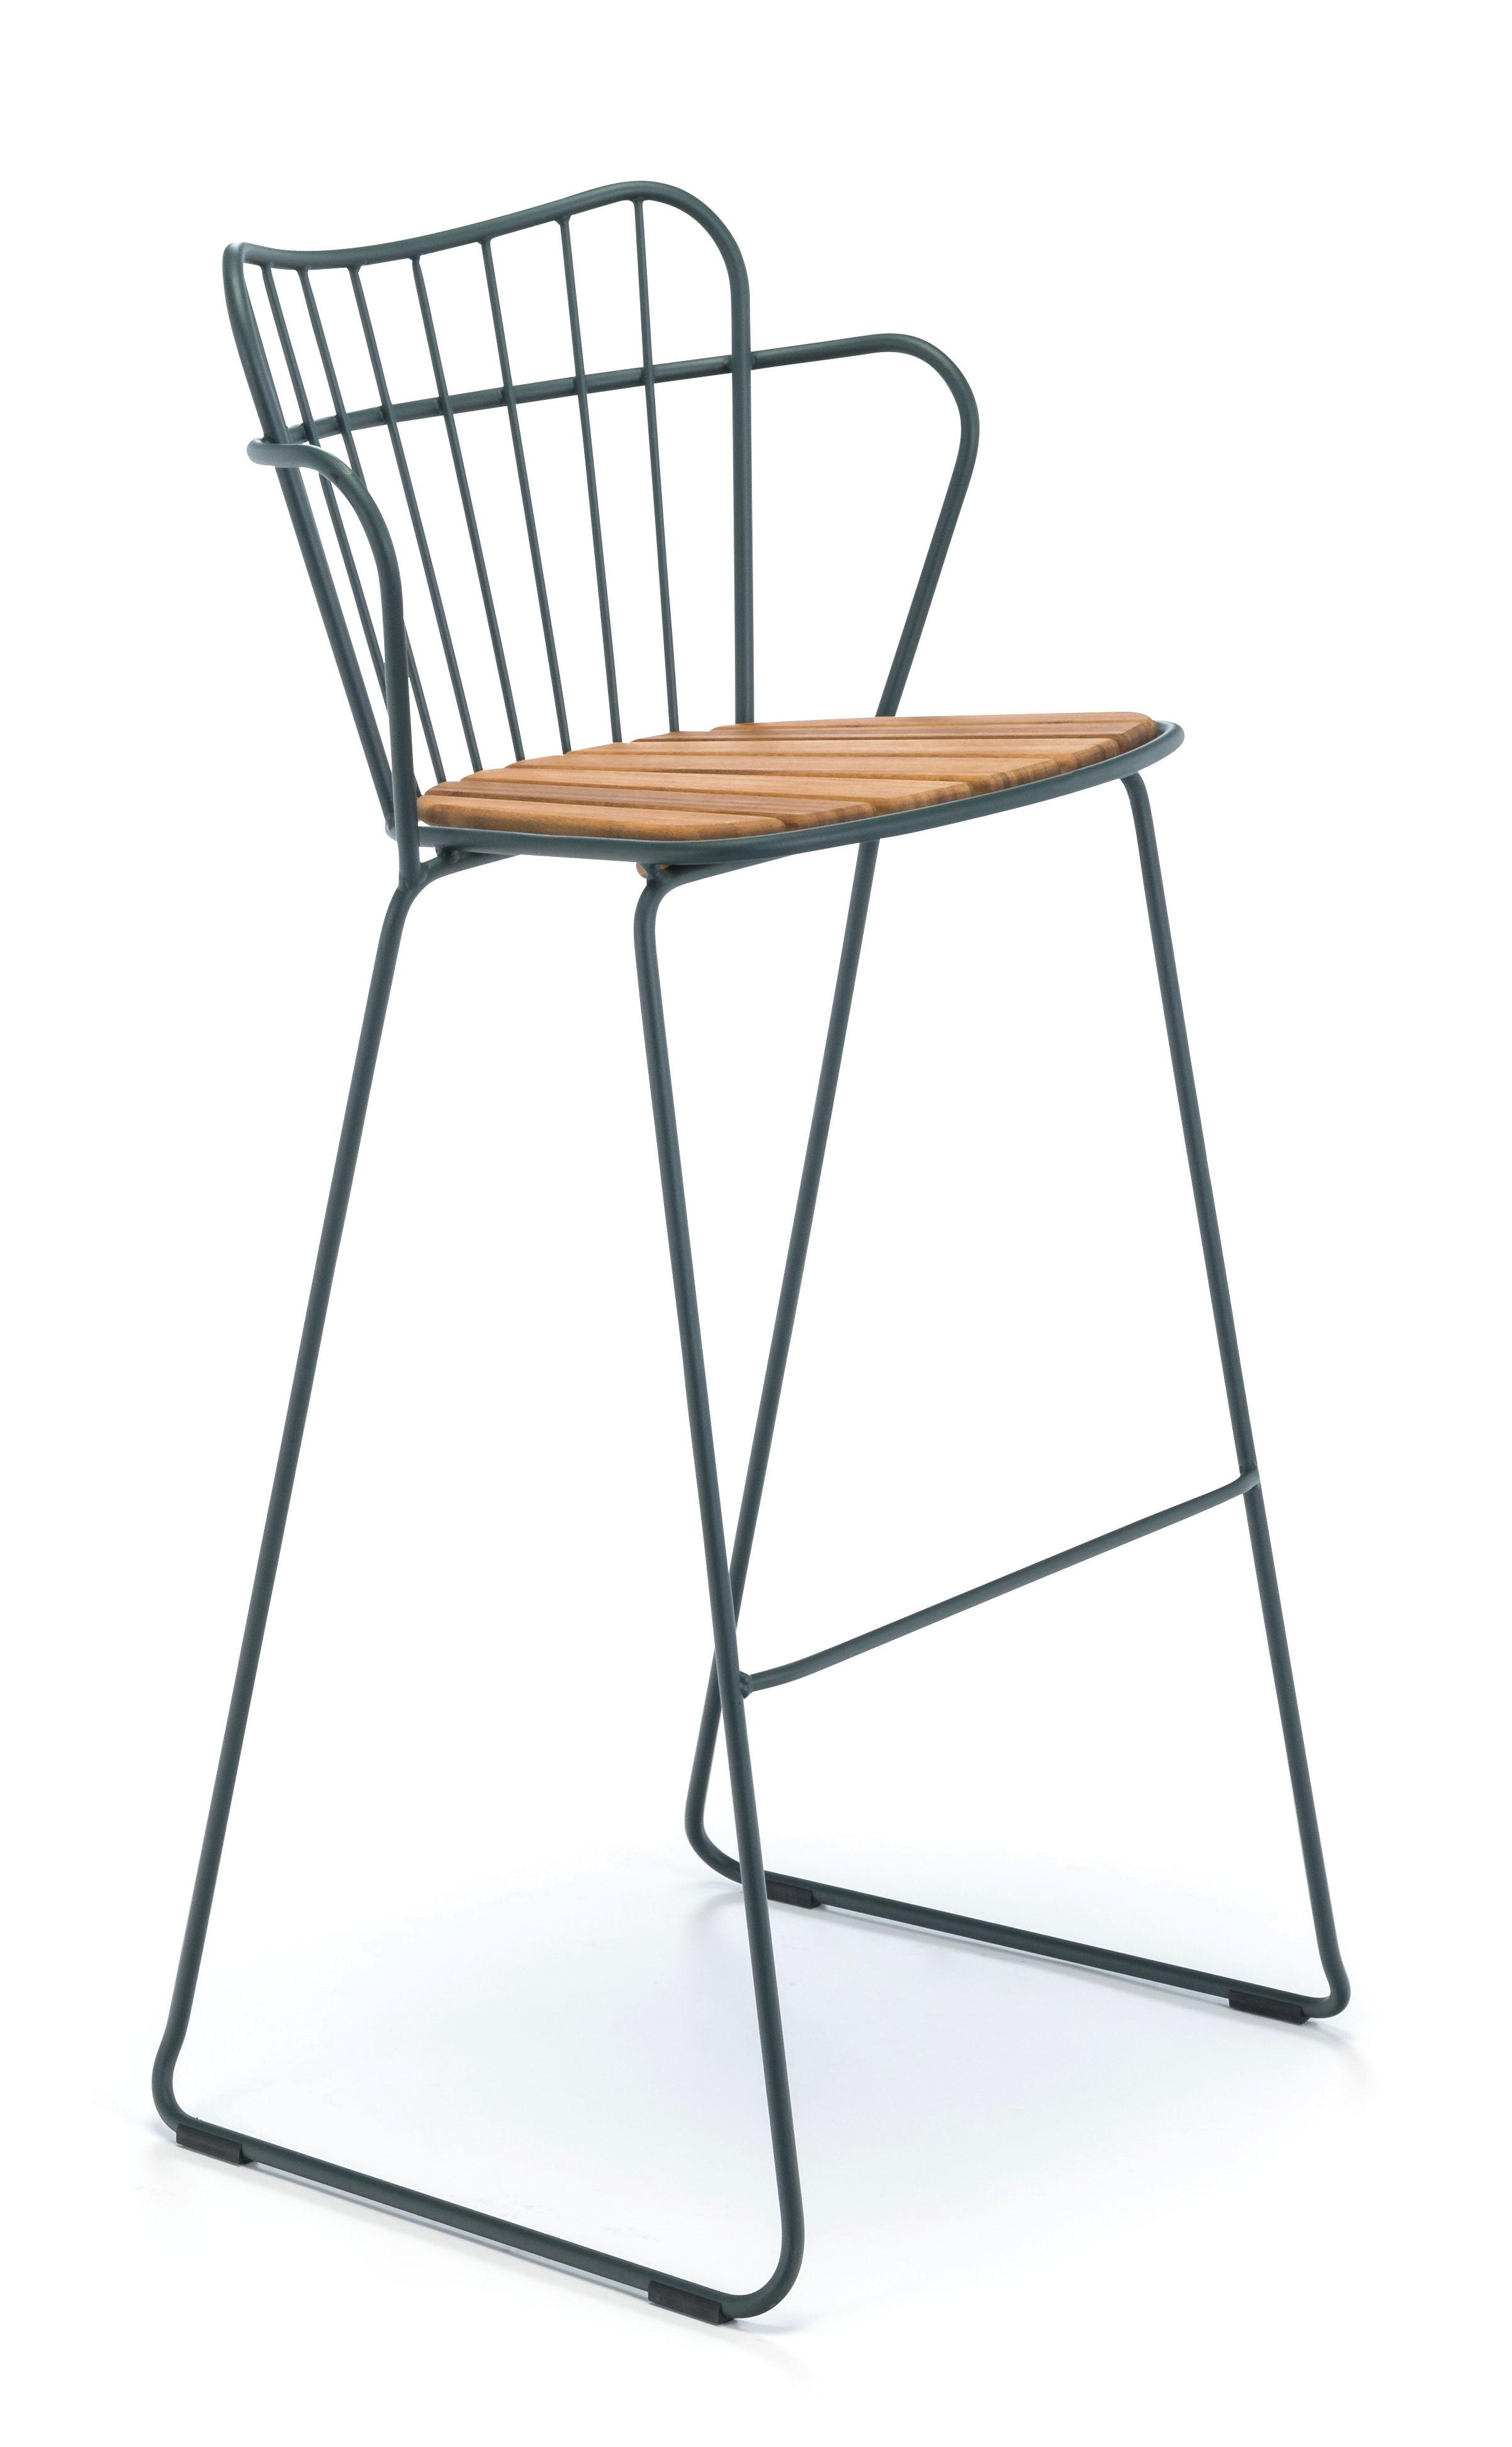 Mobilier - Tabourets de bar - Chaise de bar Paon / Métal & bambou - Houe - Vert sapin - Acier revêtement poudre, Bambou